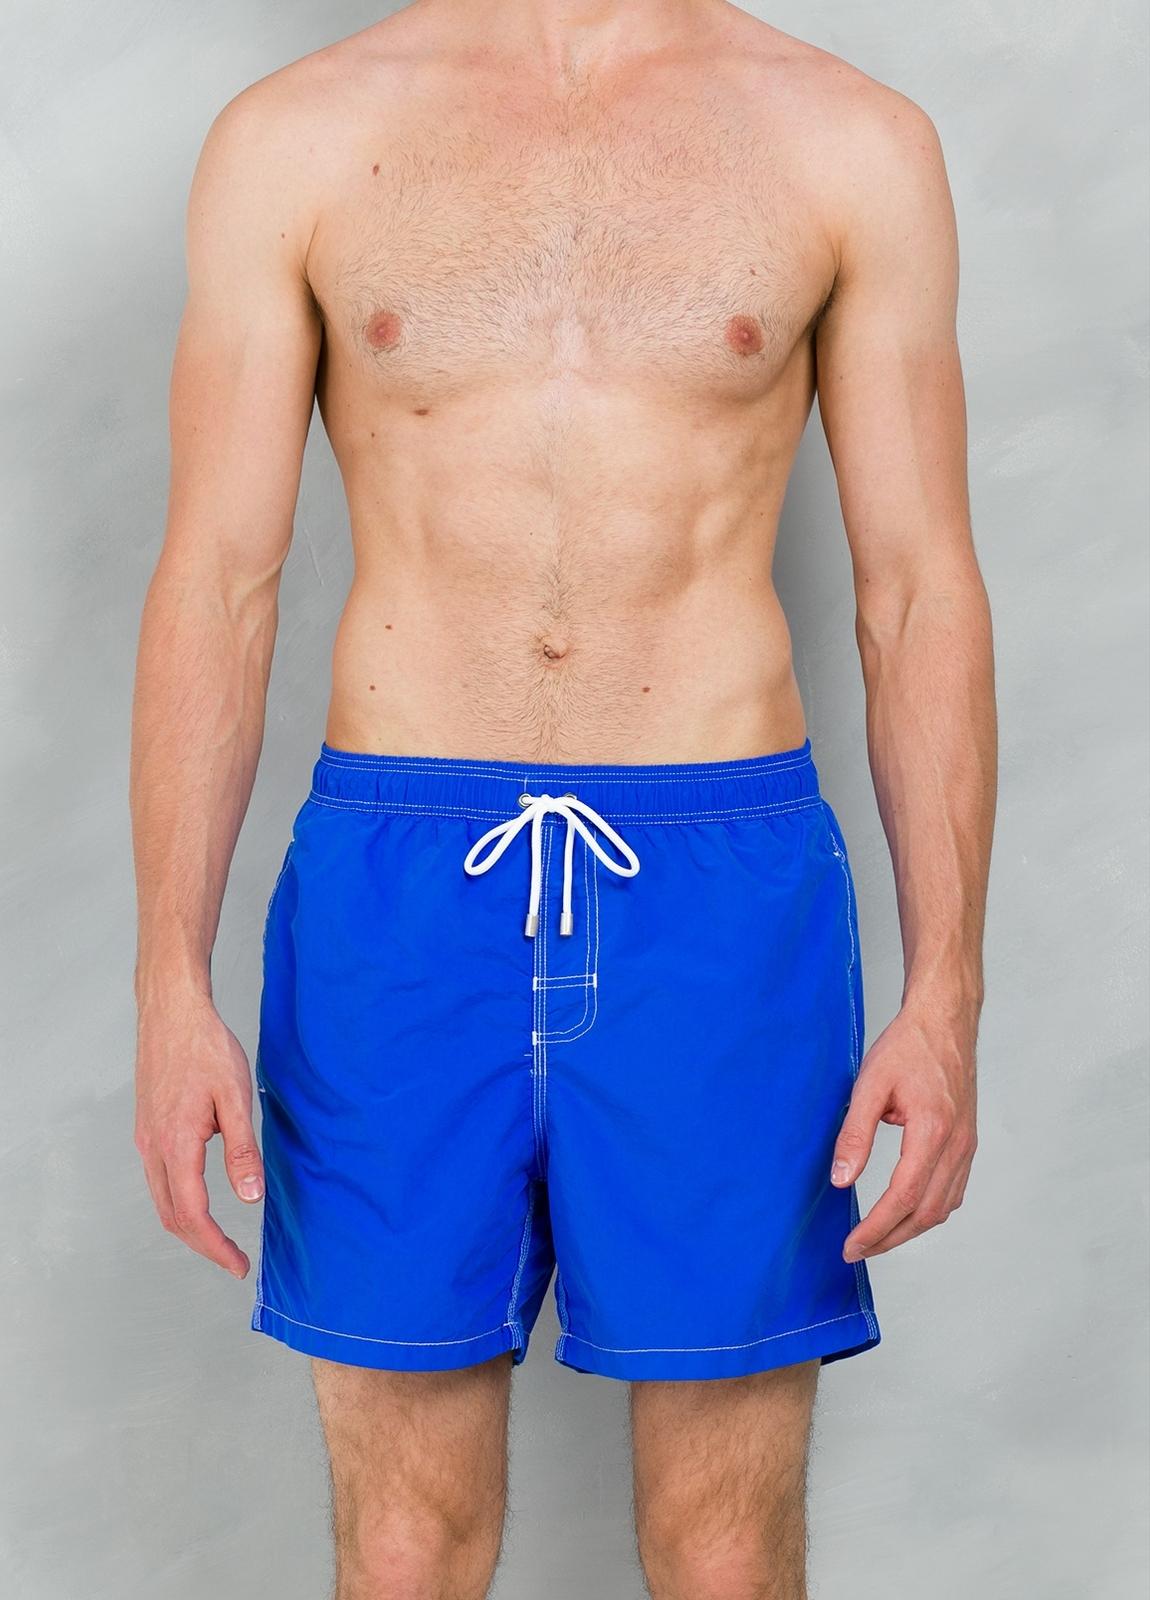 Bañador liso color azul klein, 100% poliamida.